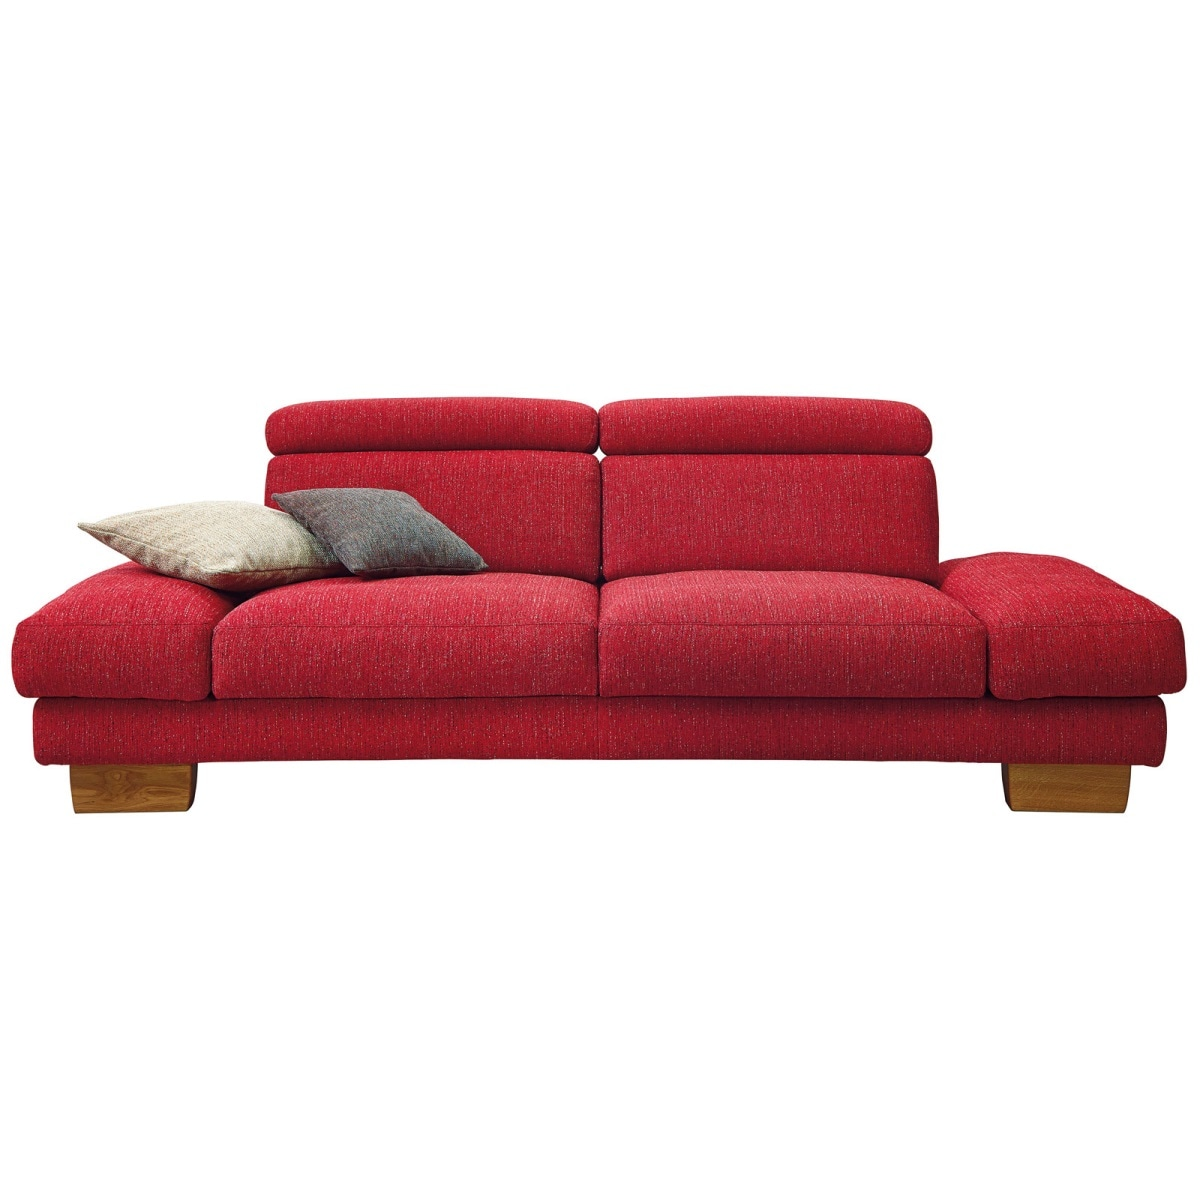 Außergewöhnlich Jugend Schlafsofa Beste Wahl Mondo Sofa Team Stoffbezug Rot Ca. 222